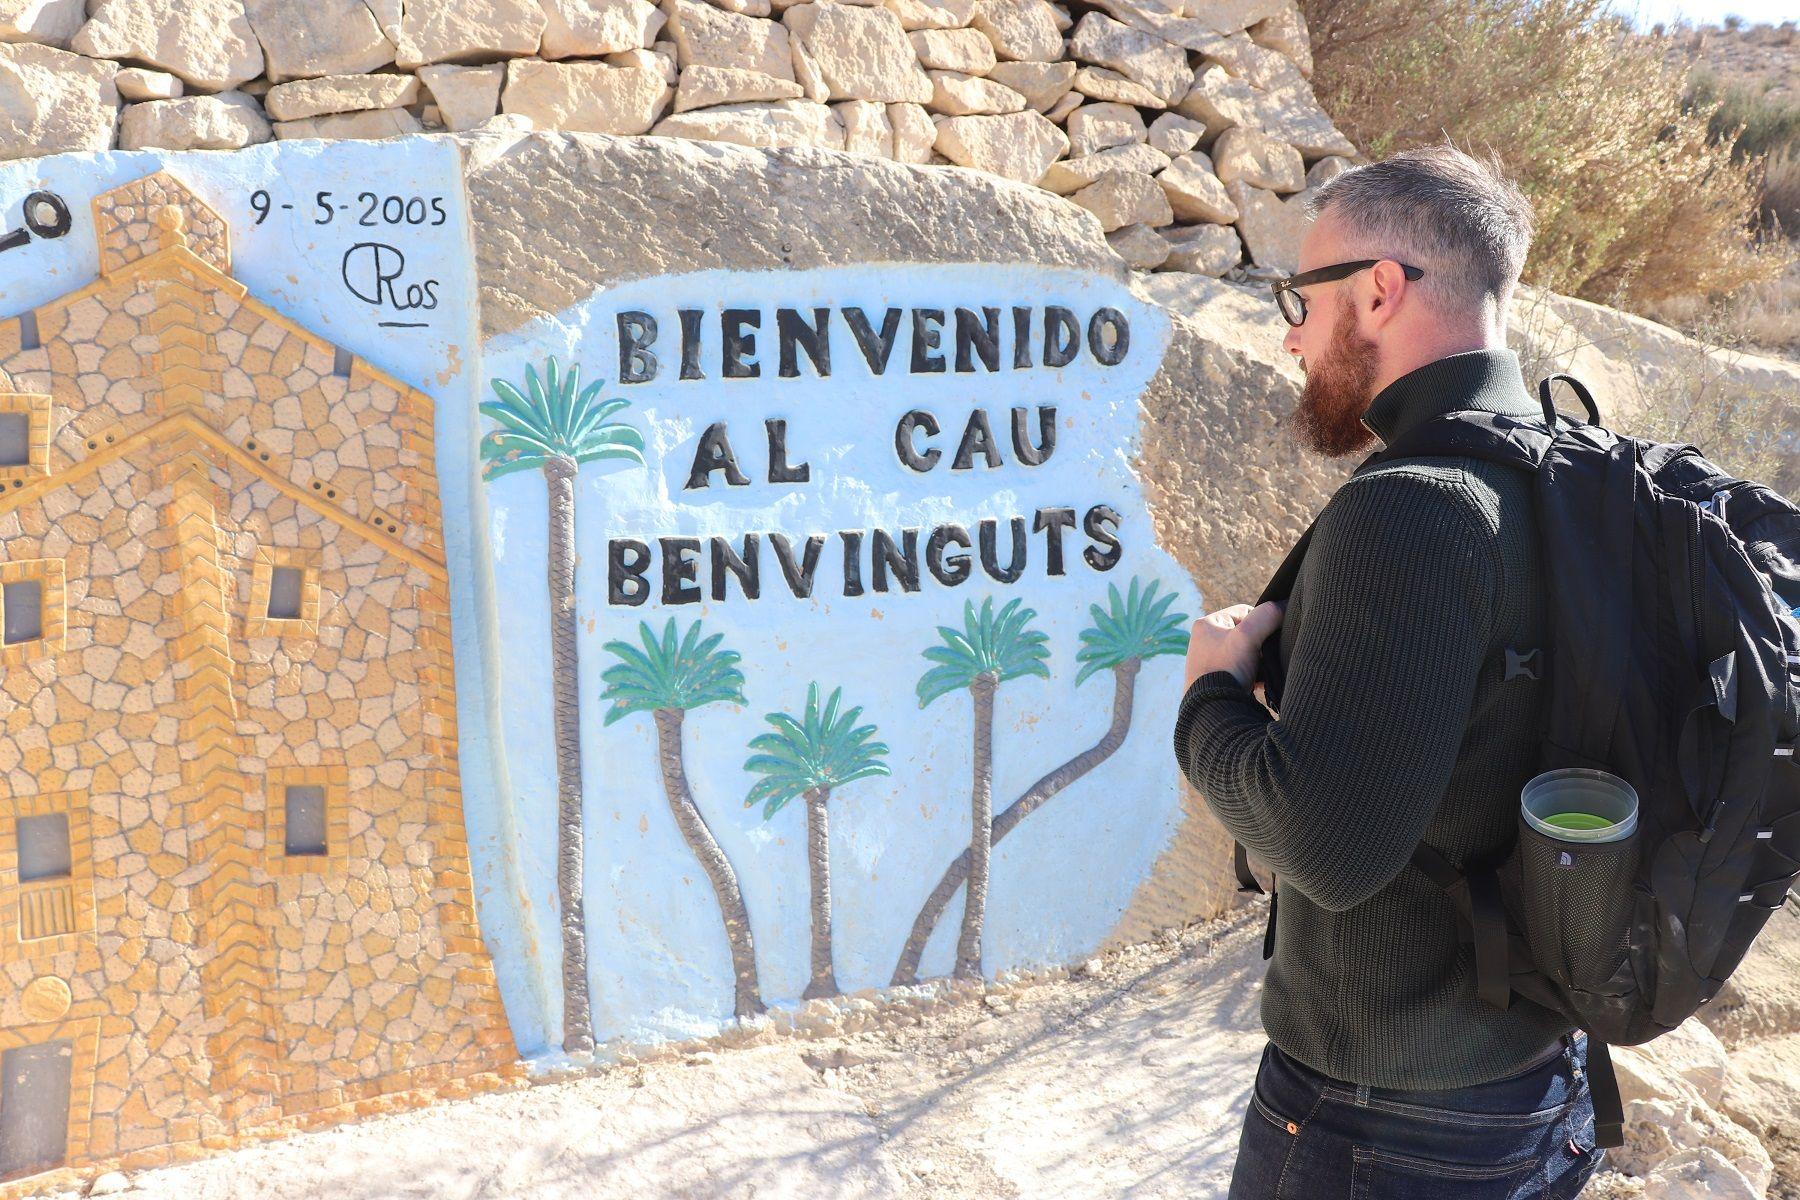 Un visitante inglés mirando una de las primeras esculturas que se observan en el recorrido del Cau